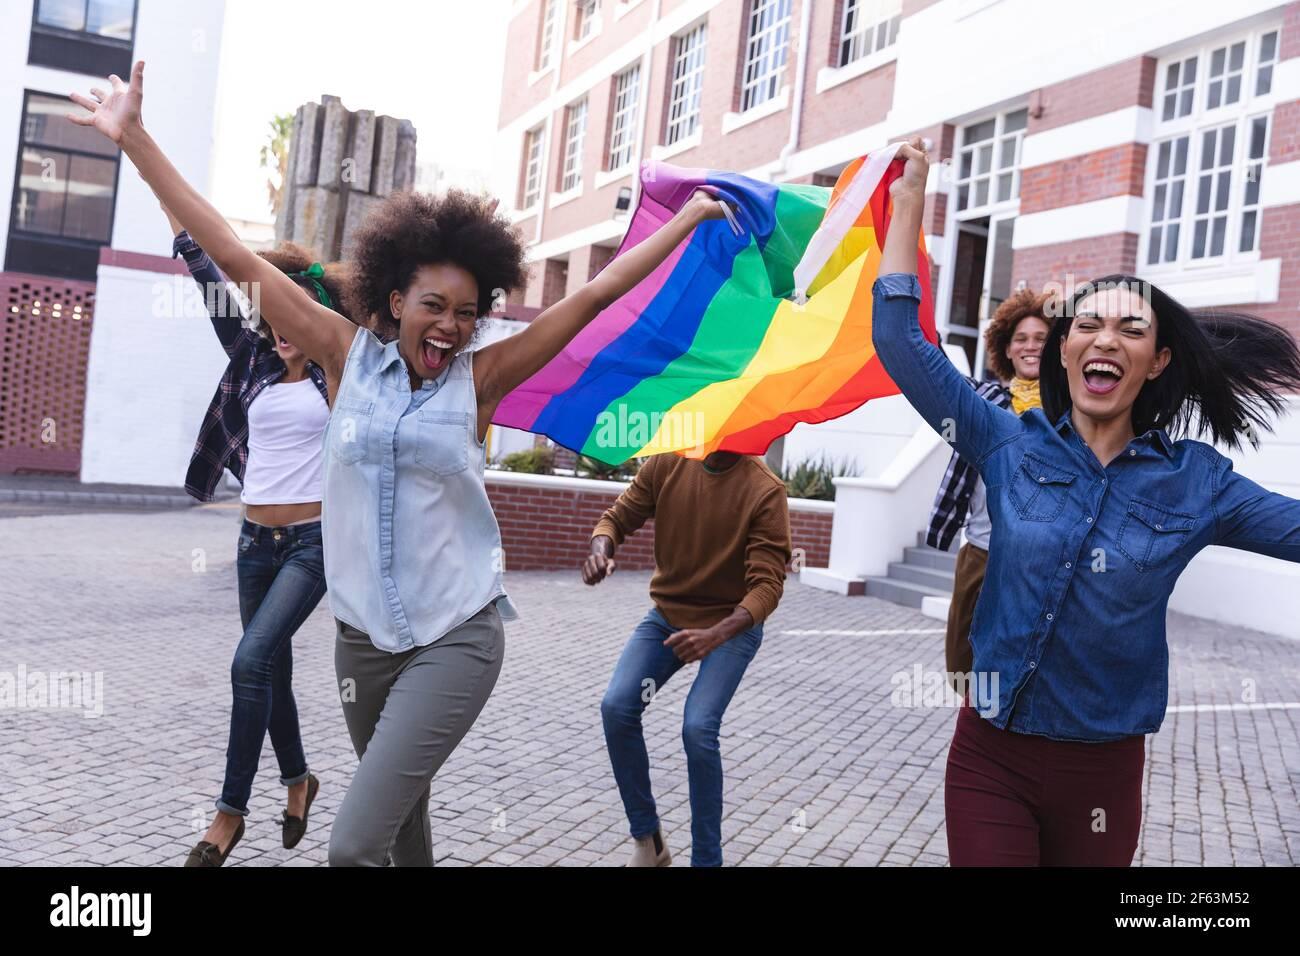 Divers hommes et femmes protestant en mars, arborant le drapeau de l'arc-en-ciel, applaudissent avec les armes levées Banque D'Images